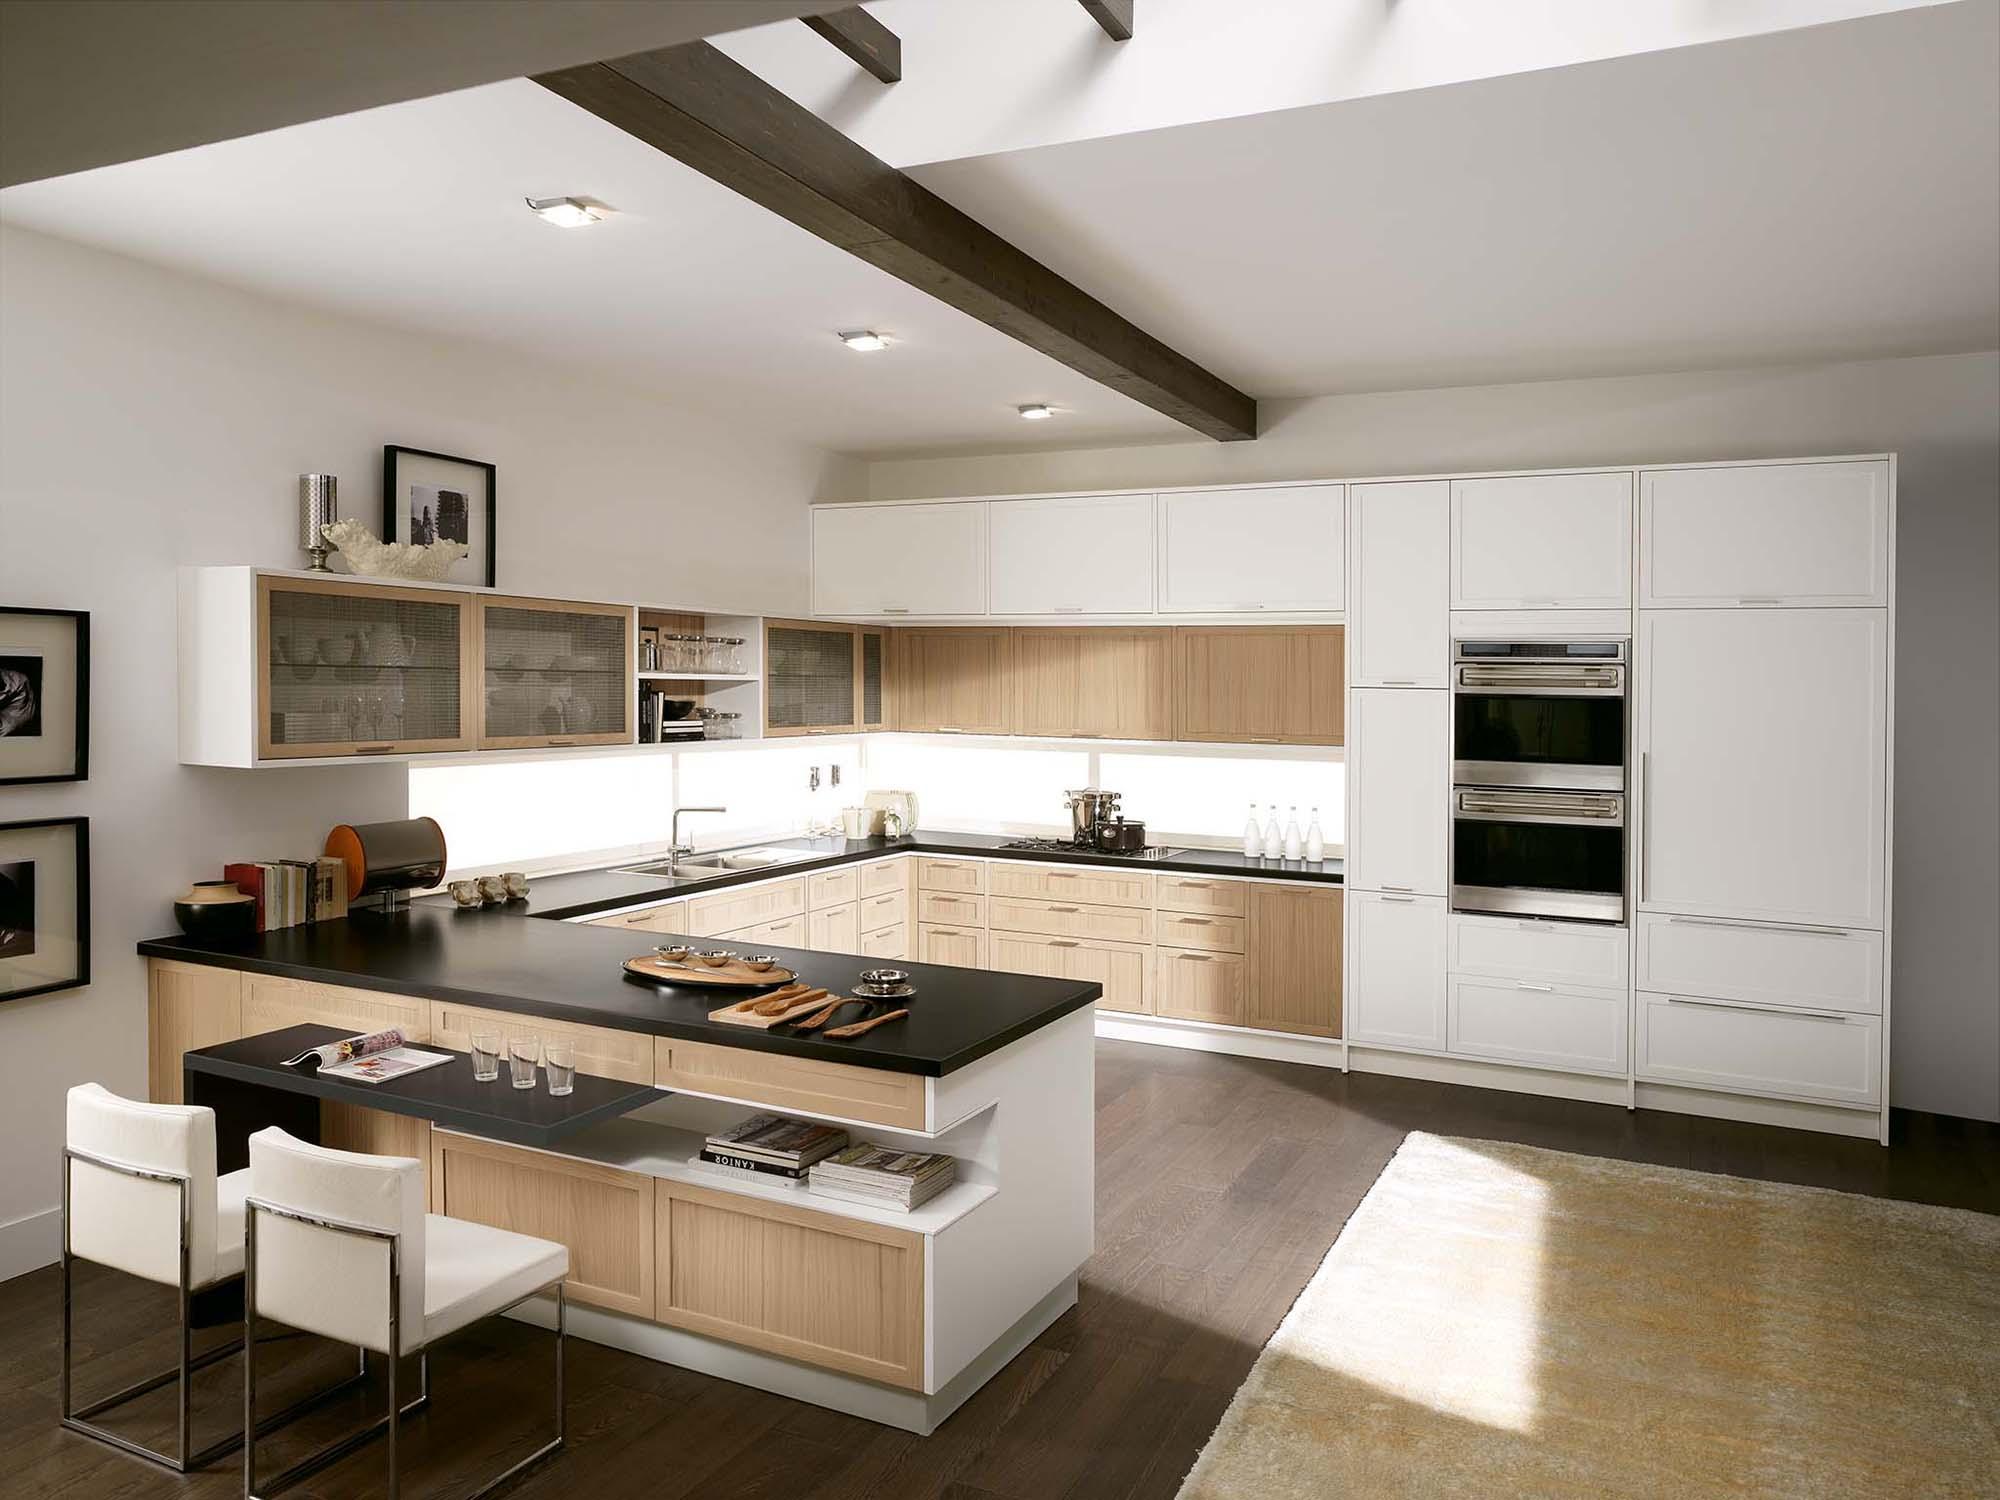 Дизайн кухни 20 кв. м (95 фото): красивые примеры интерьеров